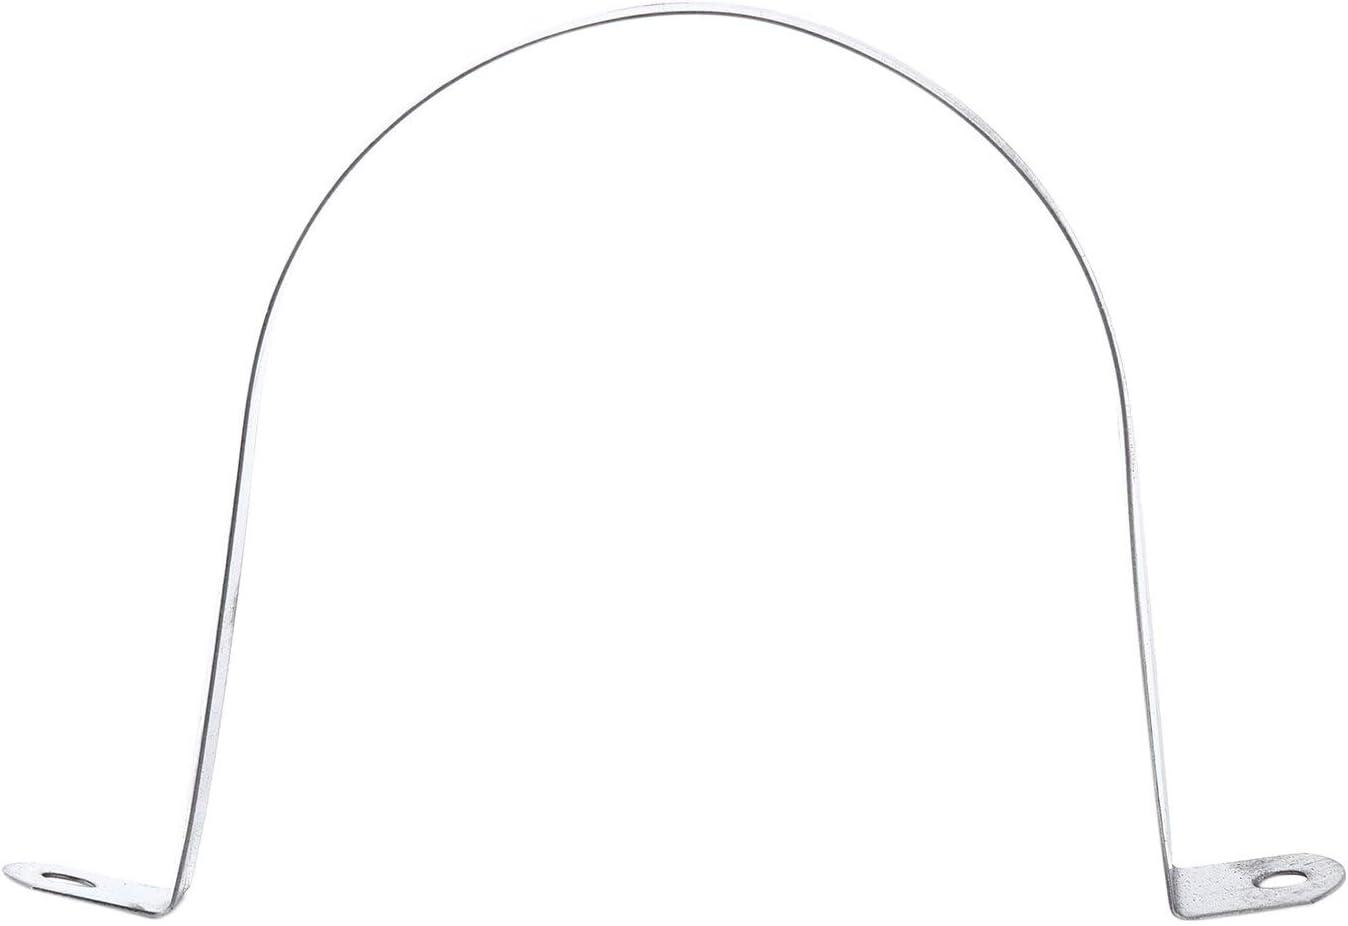 ACAMPTAR Lot de 4 colliers de serrage rigides pour tube de 100 mm de diam/ètre